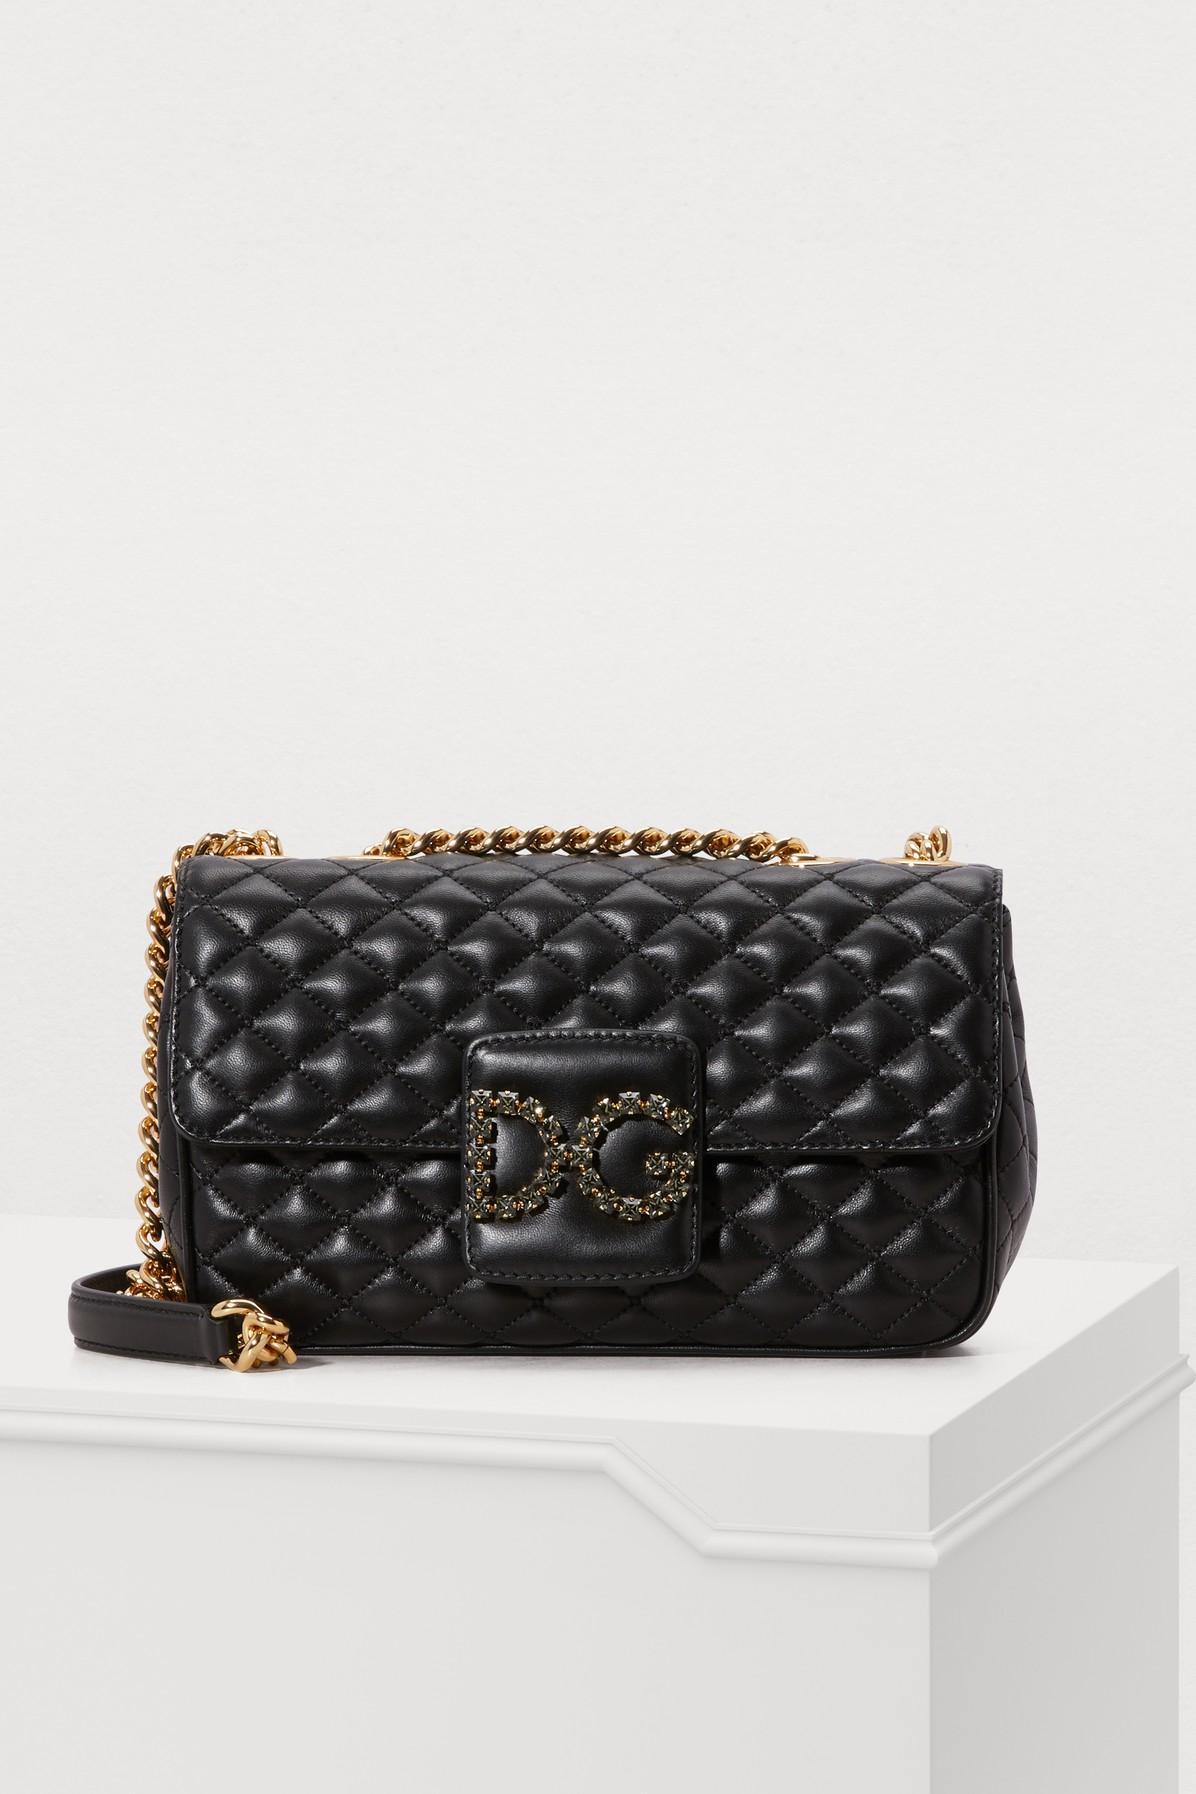 Dolce & Gabbana Millenials Mm Bag